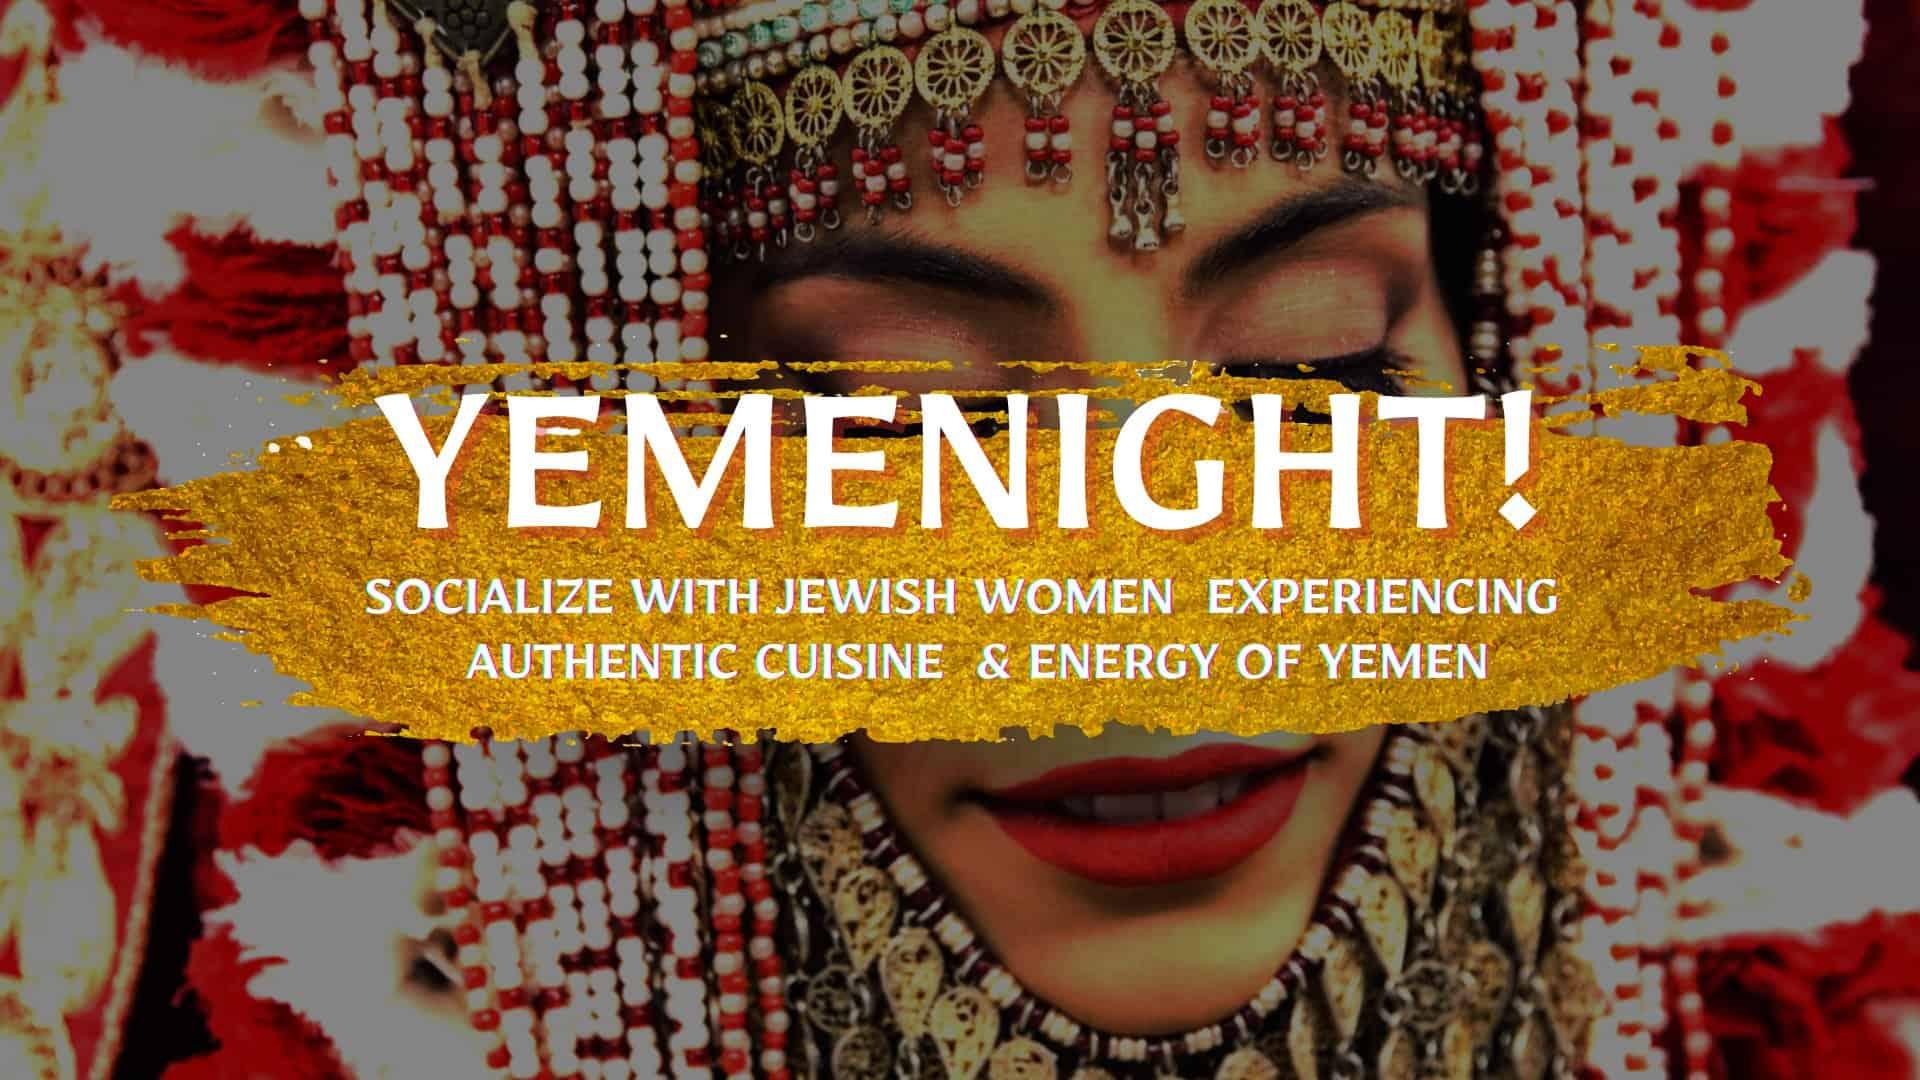 Yemenight!